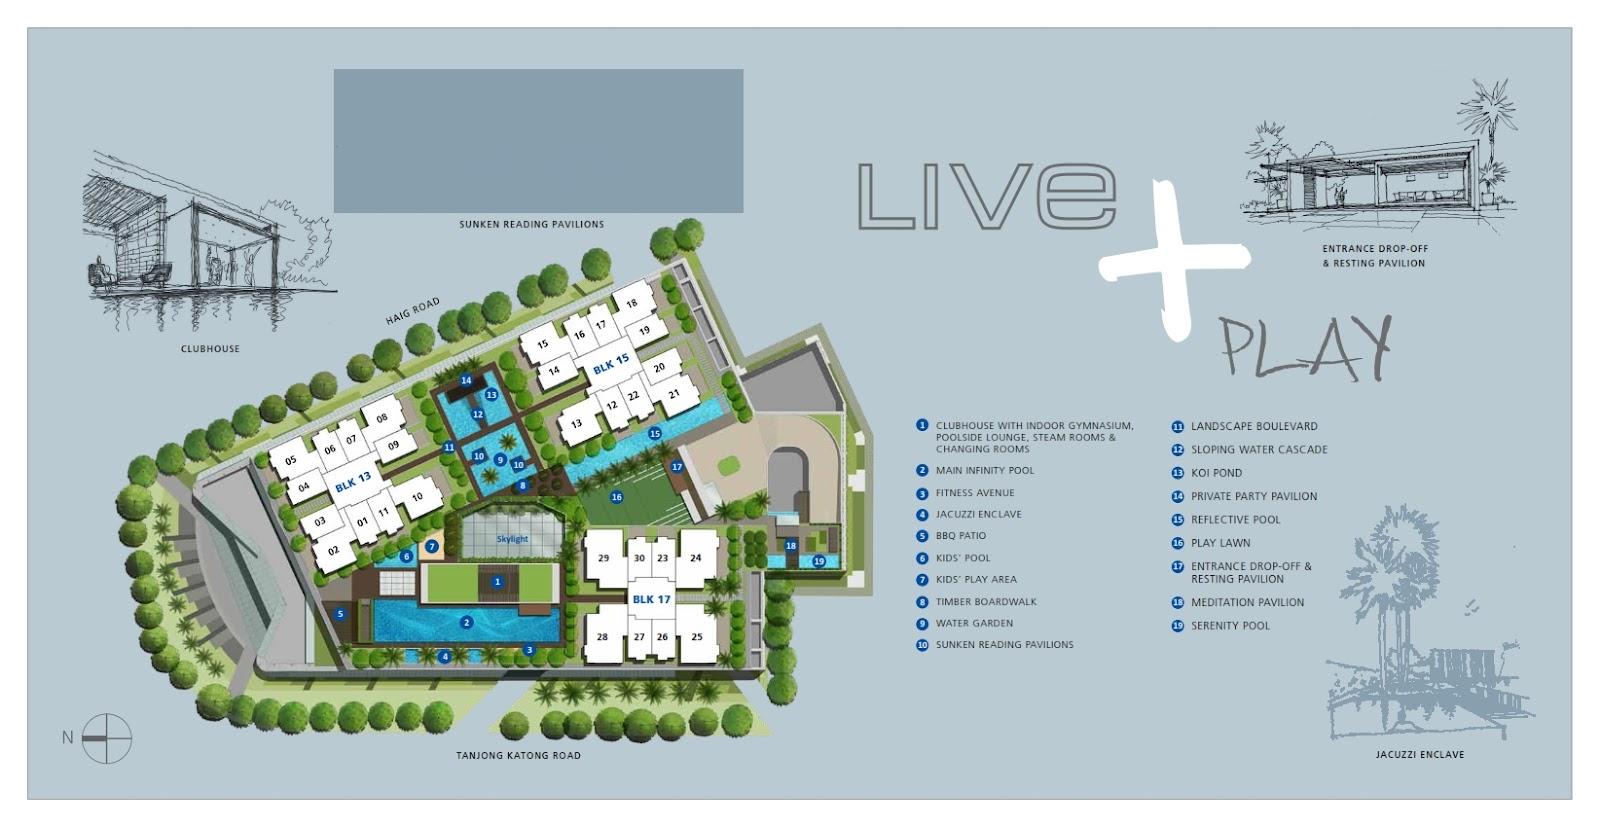 Katong regency site plan floor plan for Floor plan website